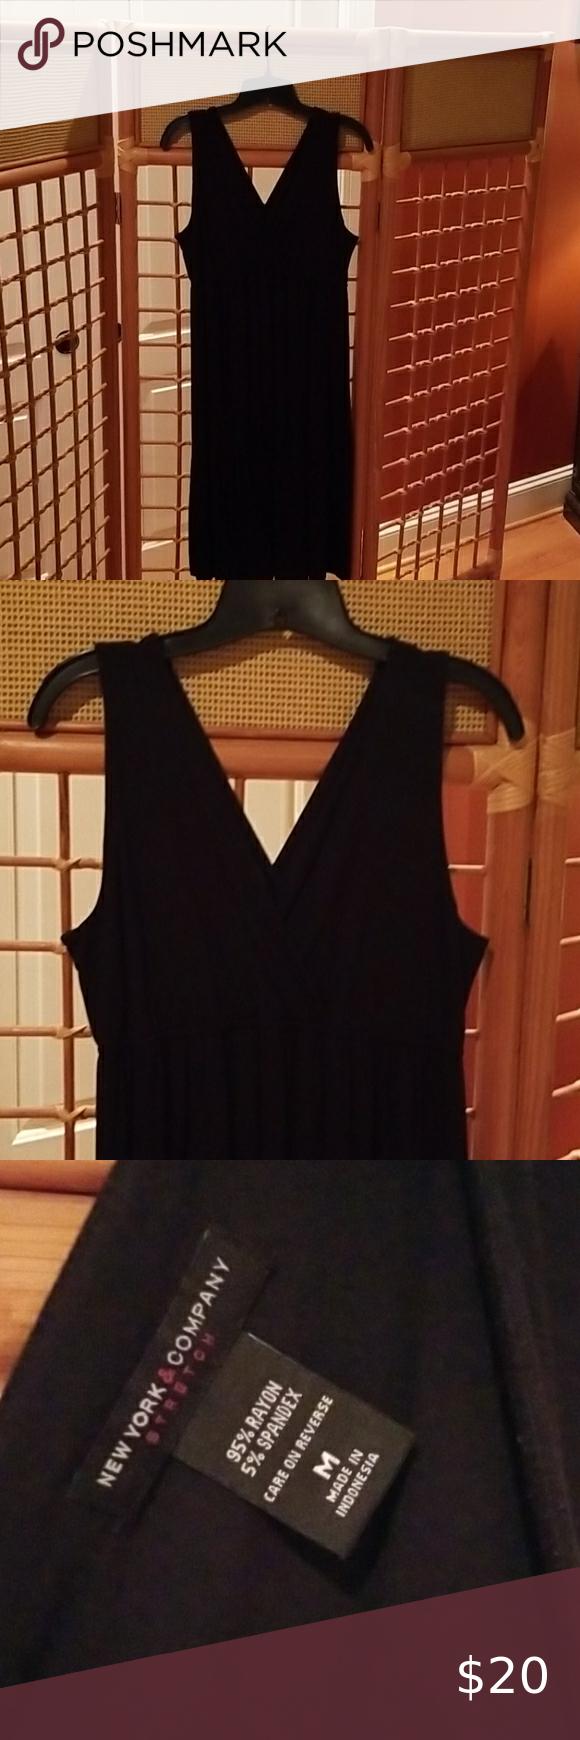 2 15 Ny C Black Summer Dress Summer Black Dress Summer Dresses Knee Length Summer Dresses [ 1740 x 580 Pixel ]